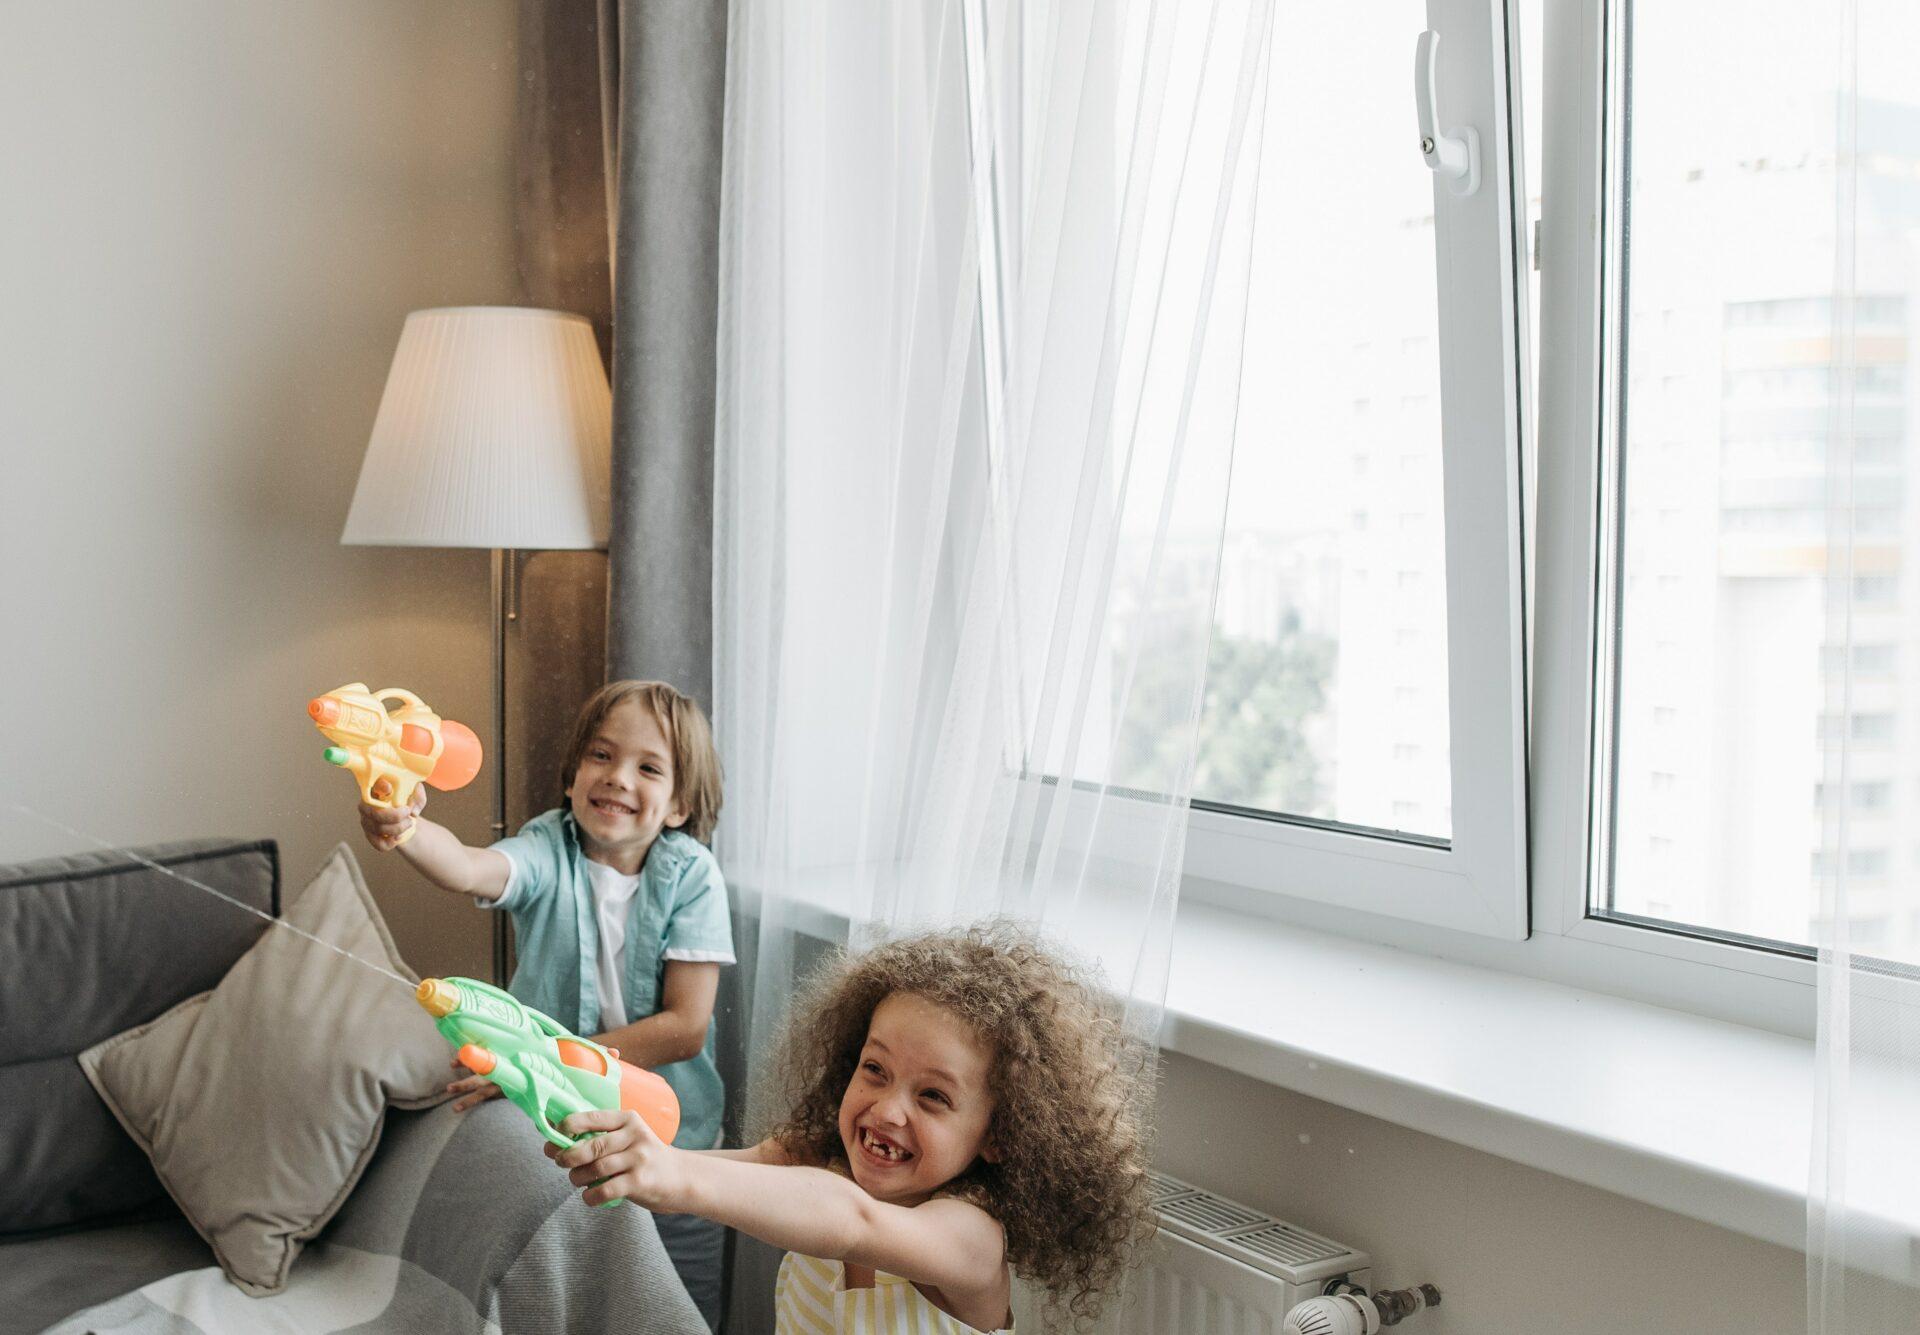 műanyag ablak és gyerekek